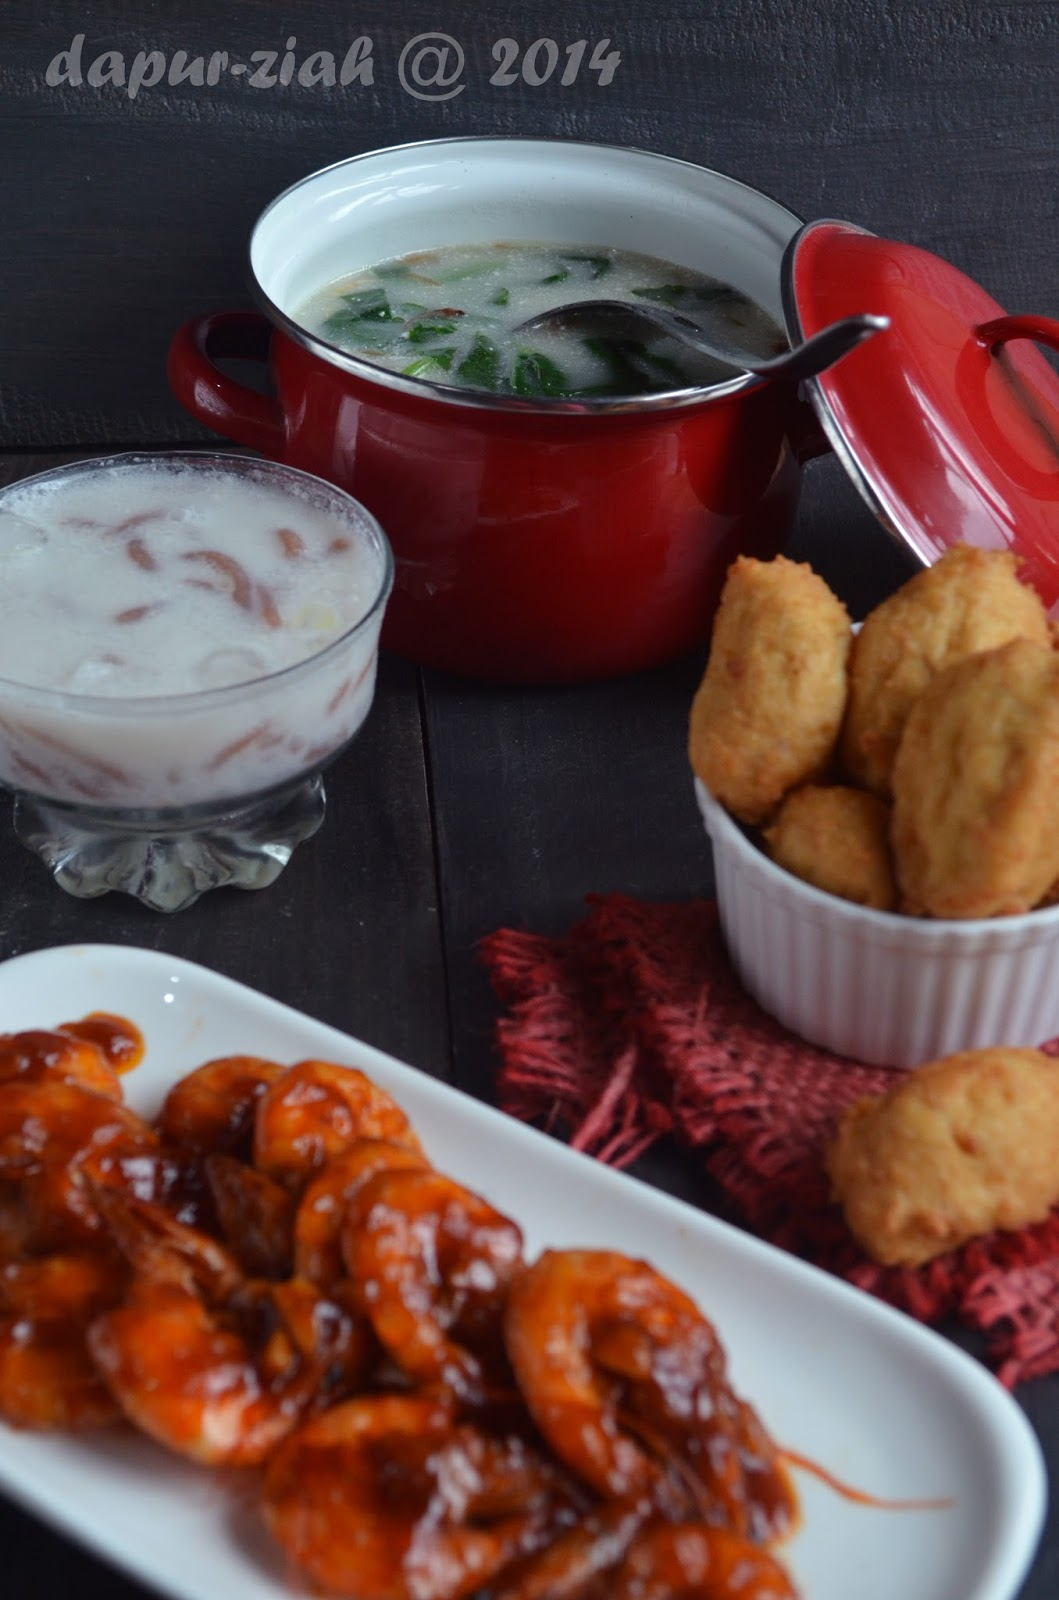 Makanan Ringan Untuk Buka Puasa : makanan, ringan, untuk, puasa, Dapur-ziah, Mama'e, Puasa